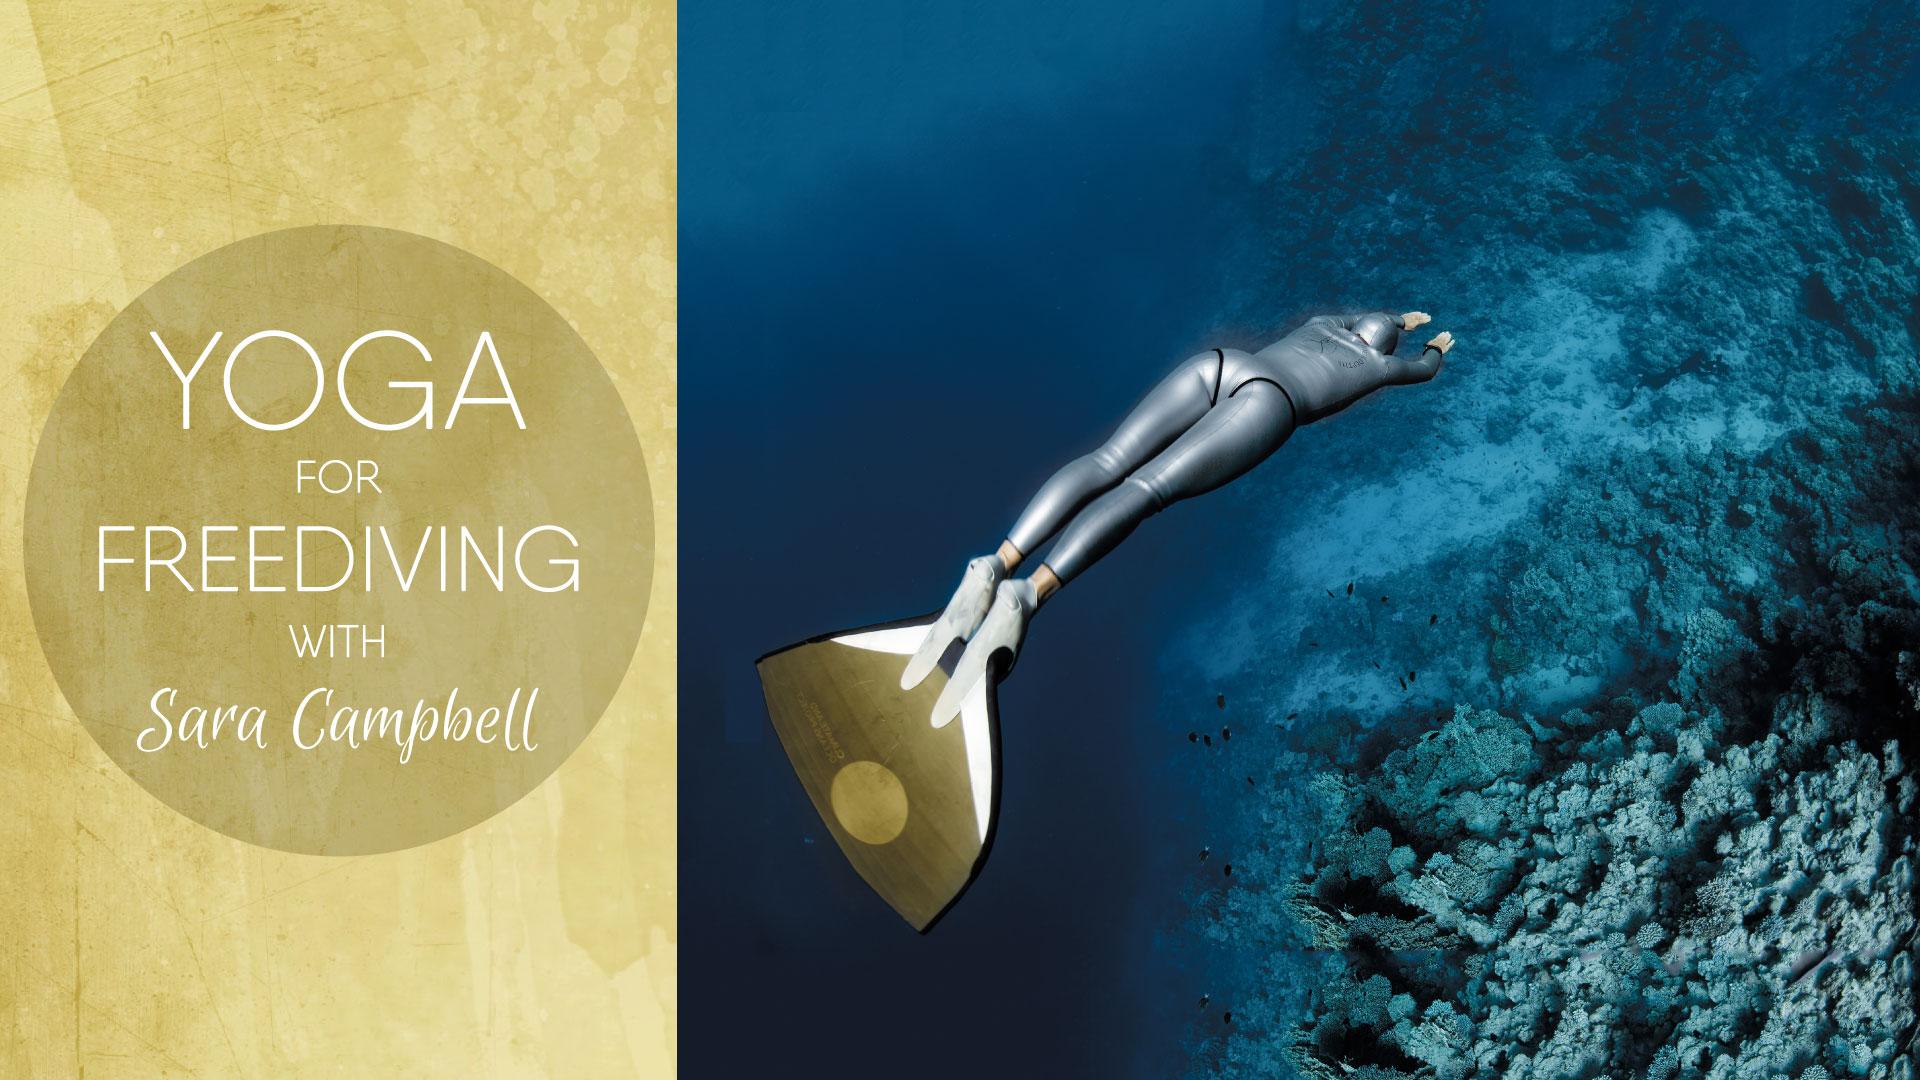 Yoga for Freediving -Video cover.jpg